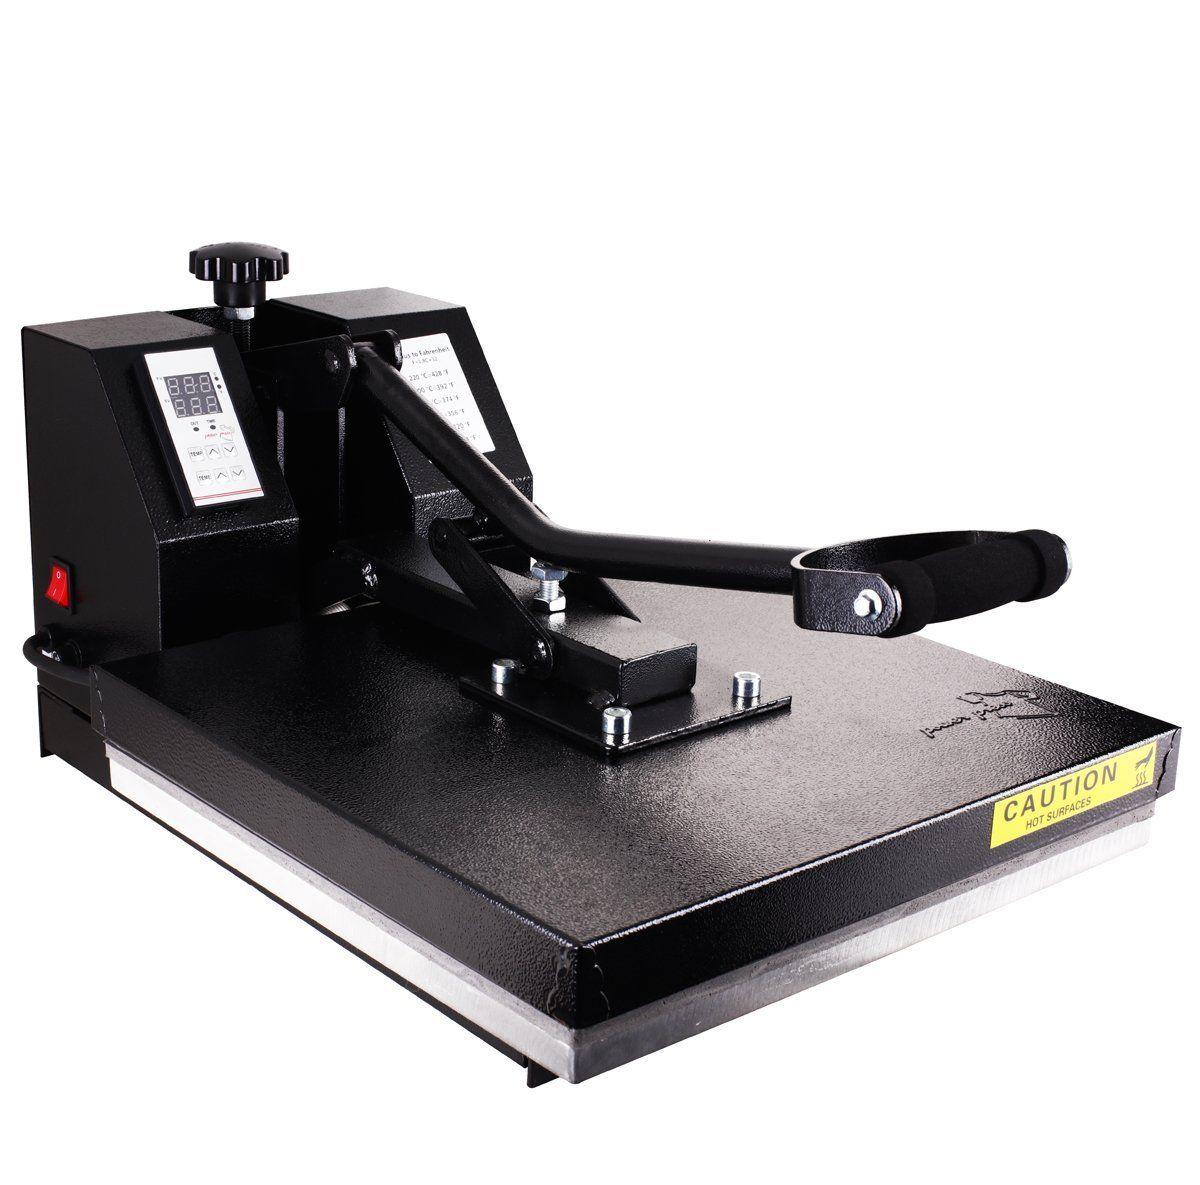 Best Heat Press Machine In 2020 Reviews Best Heat Press Machine Heat Press Machine T Shirt Printing Machine